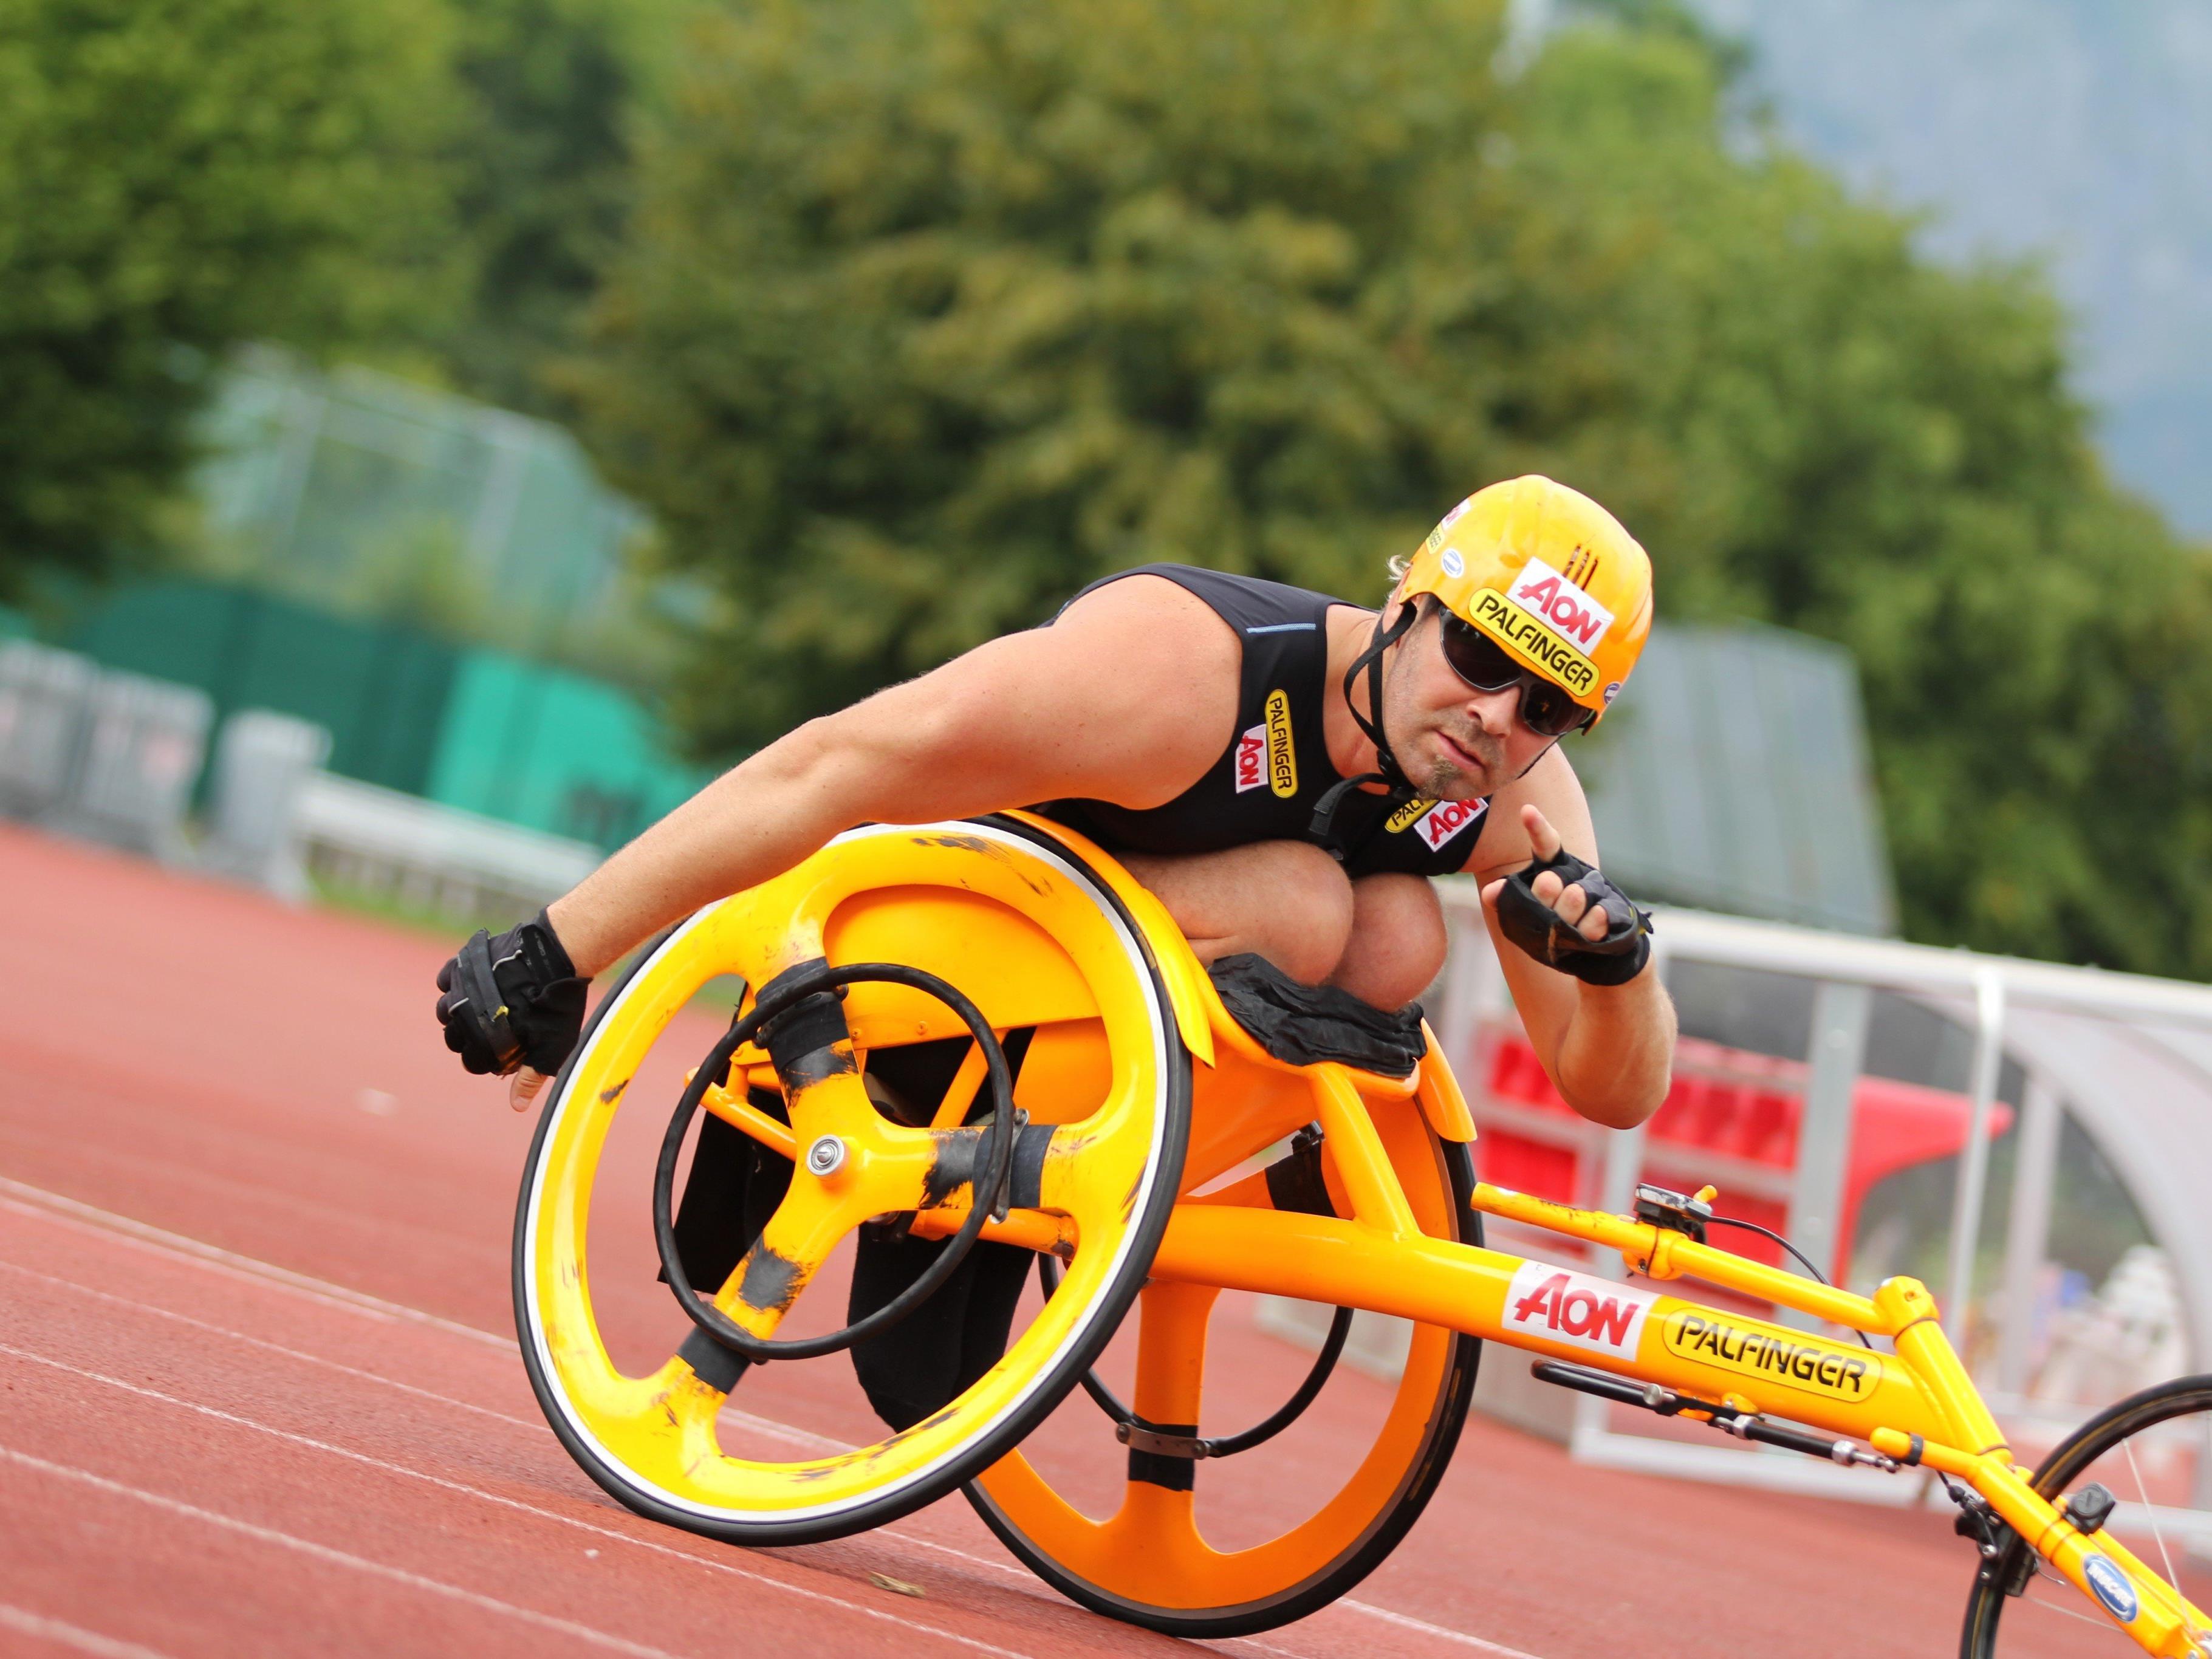 Geierspichler fährt mit Selbstvertrauen zu den Paralympischen Spielen in Rio.